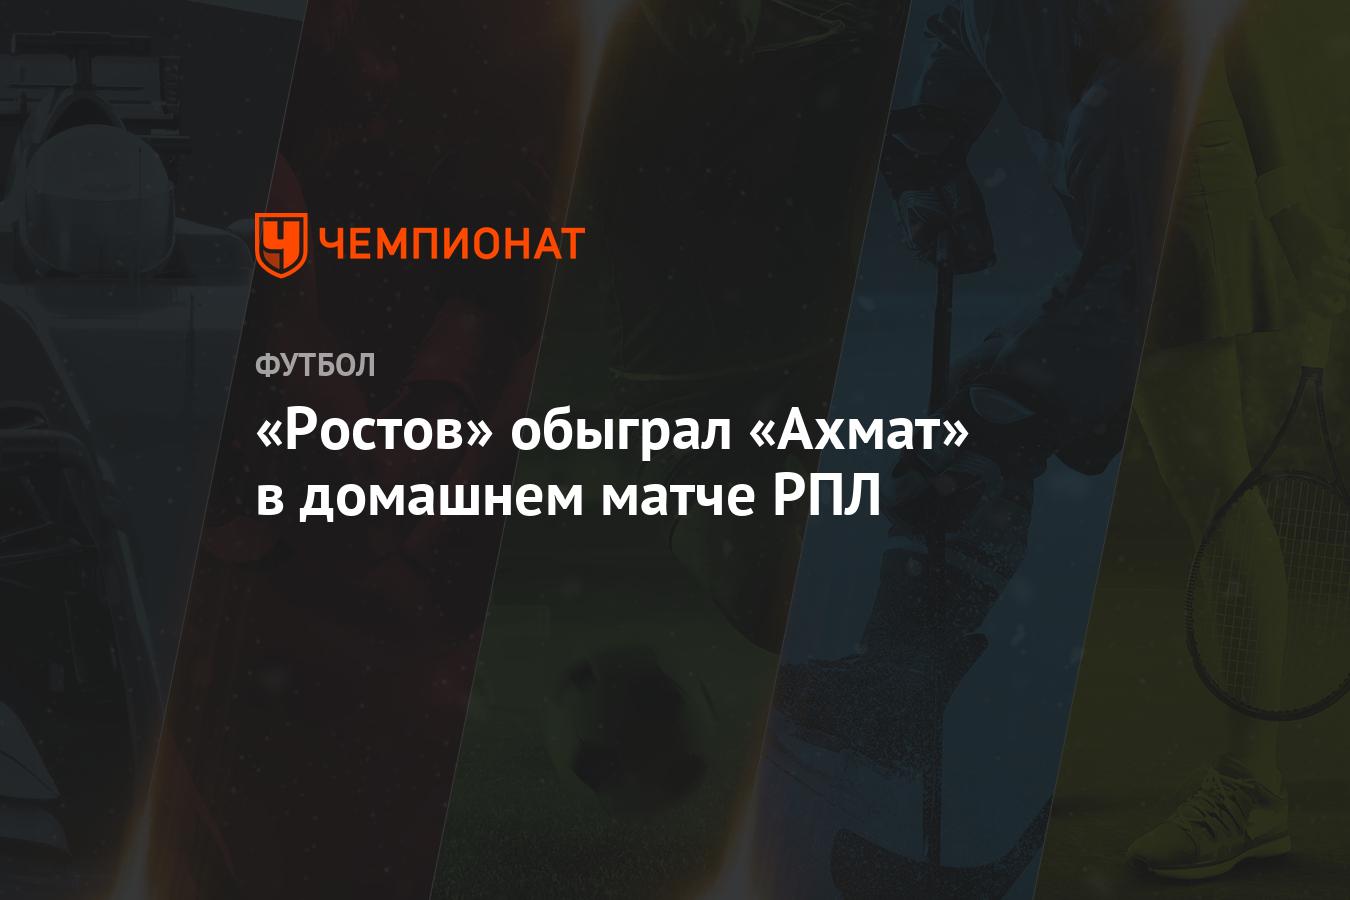 «Ростов» обыграл «Ахмат» в домашнем матче РПЛ - Чемпионат